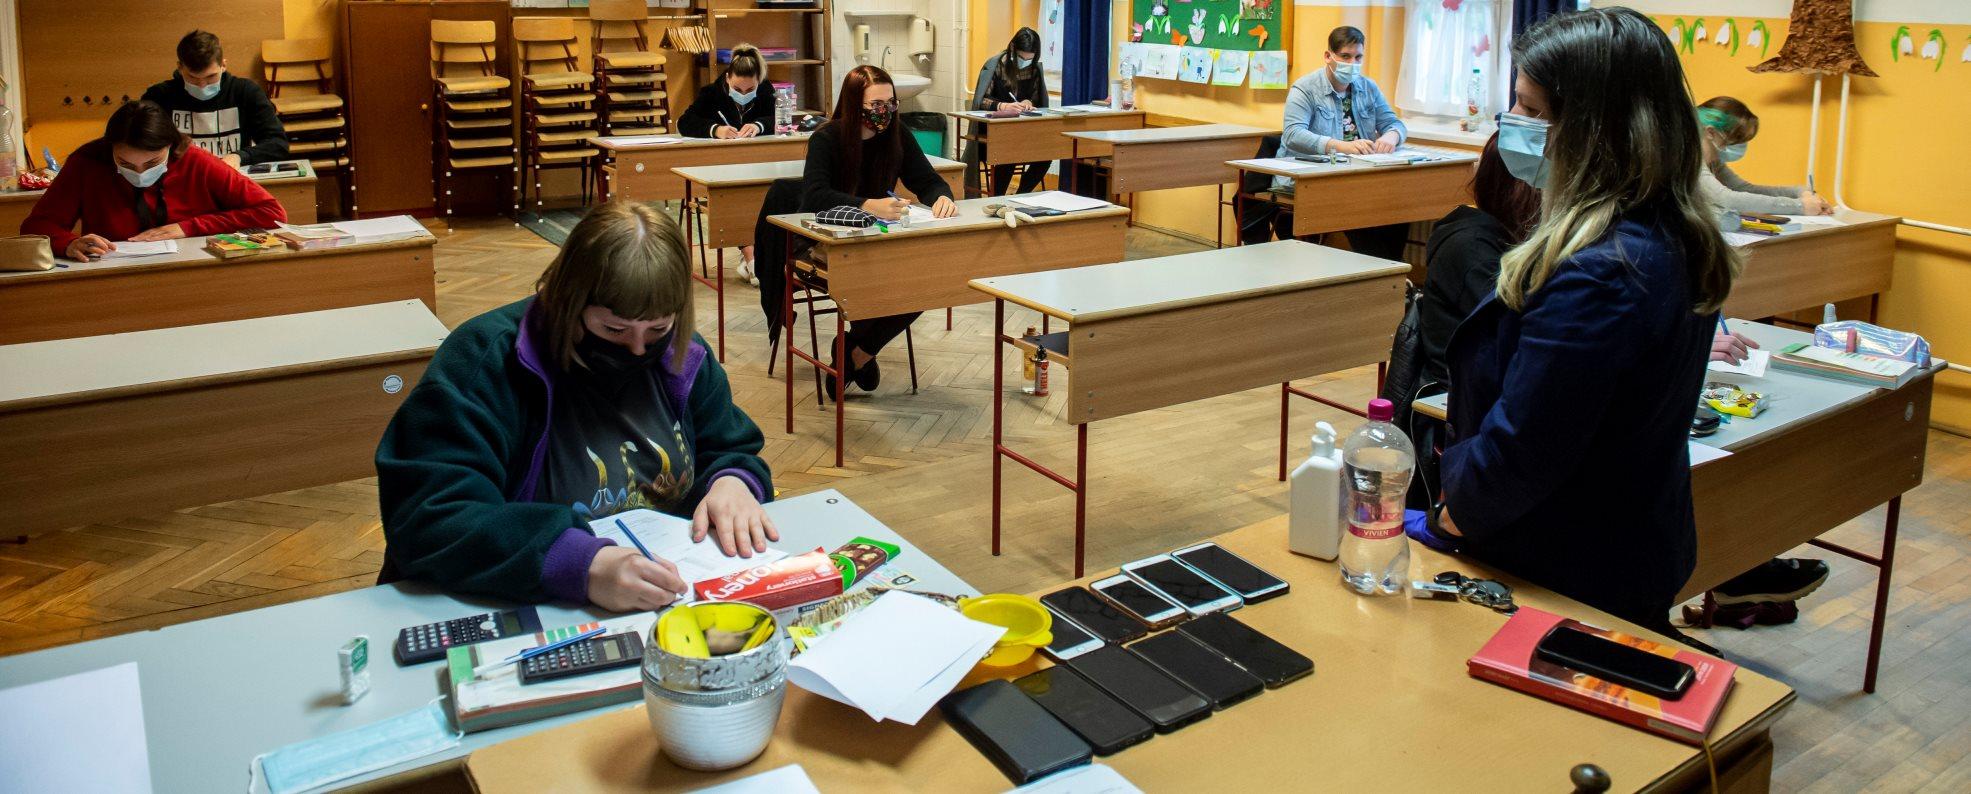 Érettségi - A matematika írásbelikkel folytatódtak a vizsgák